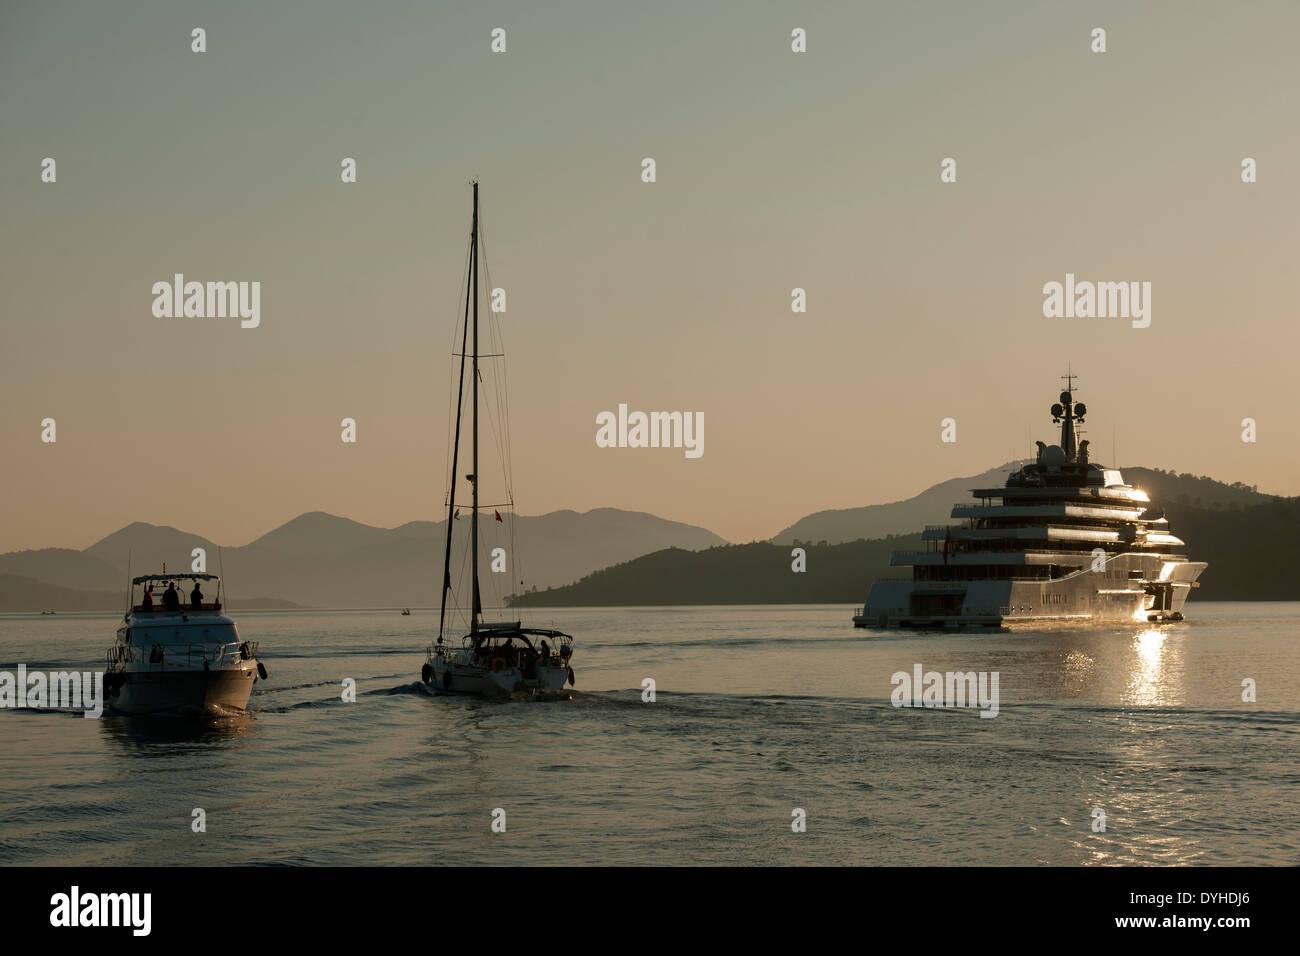 Türkei, Provinz Mugla, Göcek, die Eclipse ist mit einer Länge von 162 Meter die aktuell zweitlängste Mega-Yacht der Welt. - Stock Image